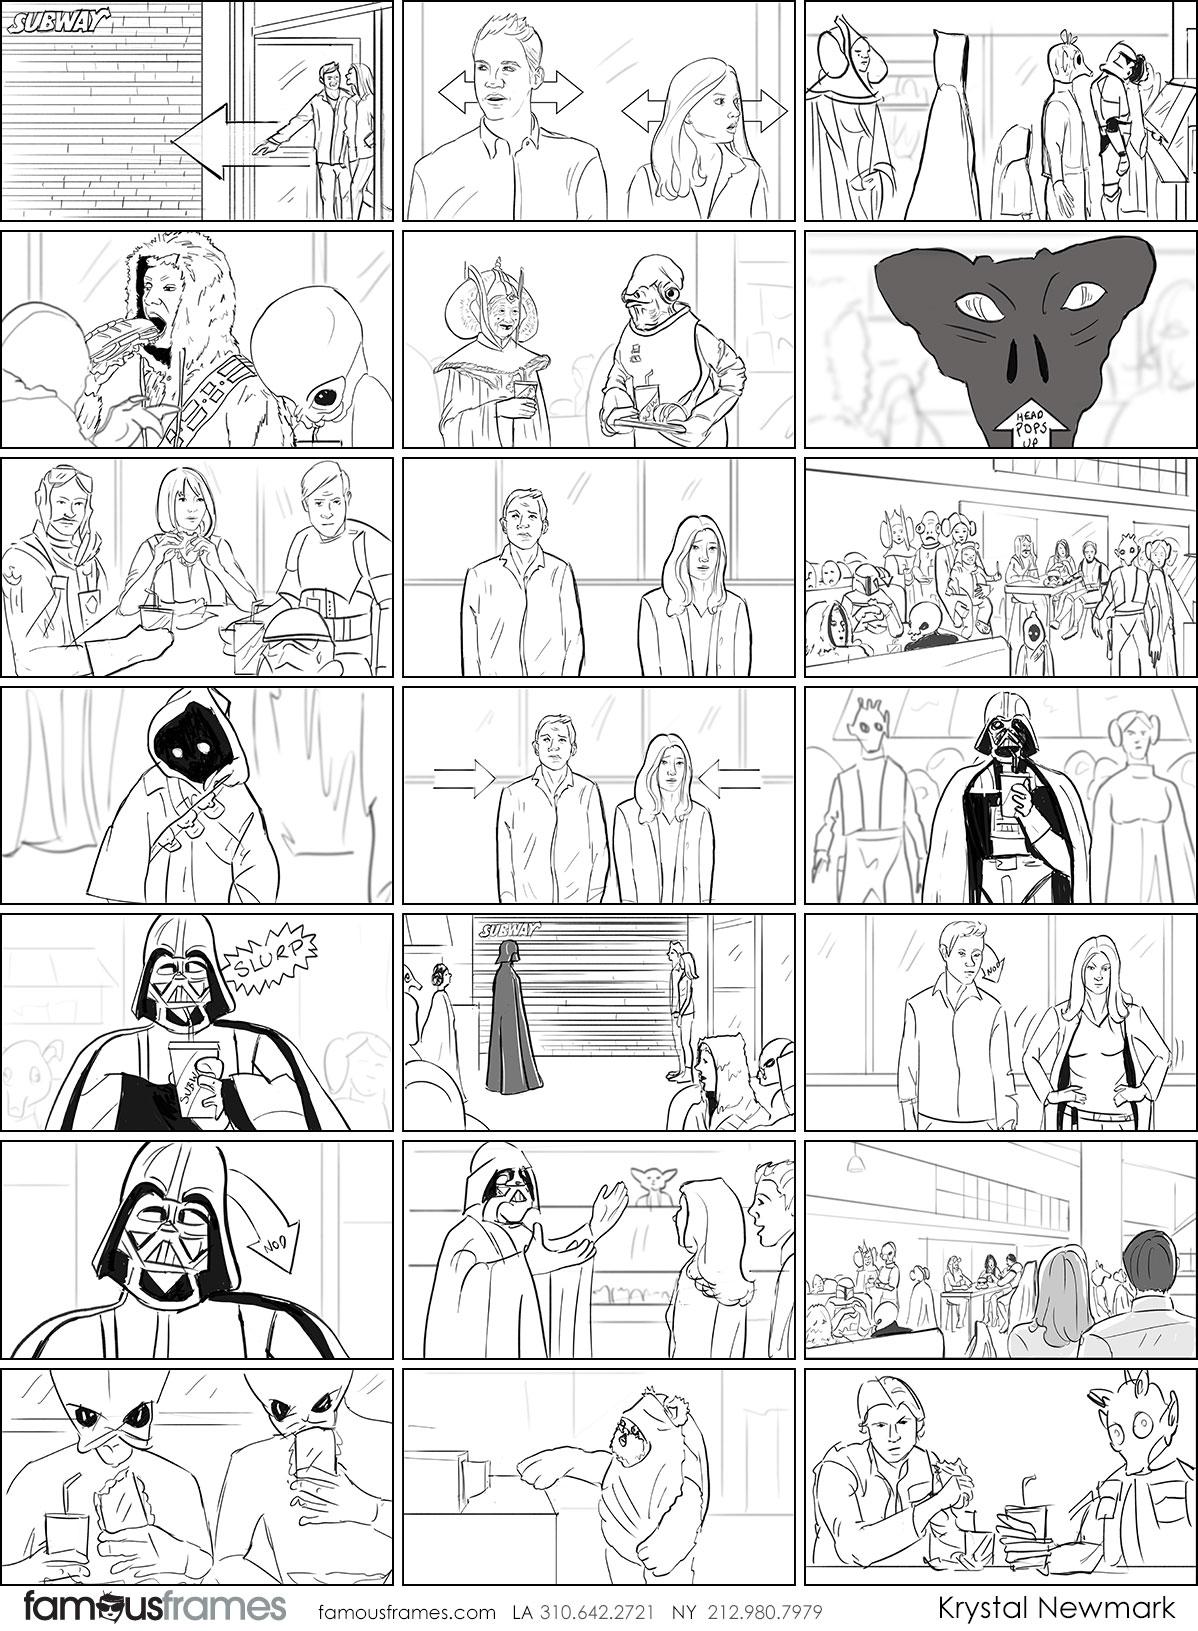 Krystal Newmark's People - B&W Line storyboard art (Image #5666_22_1507848331)